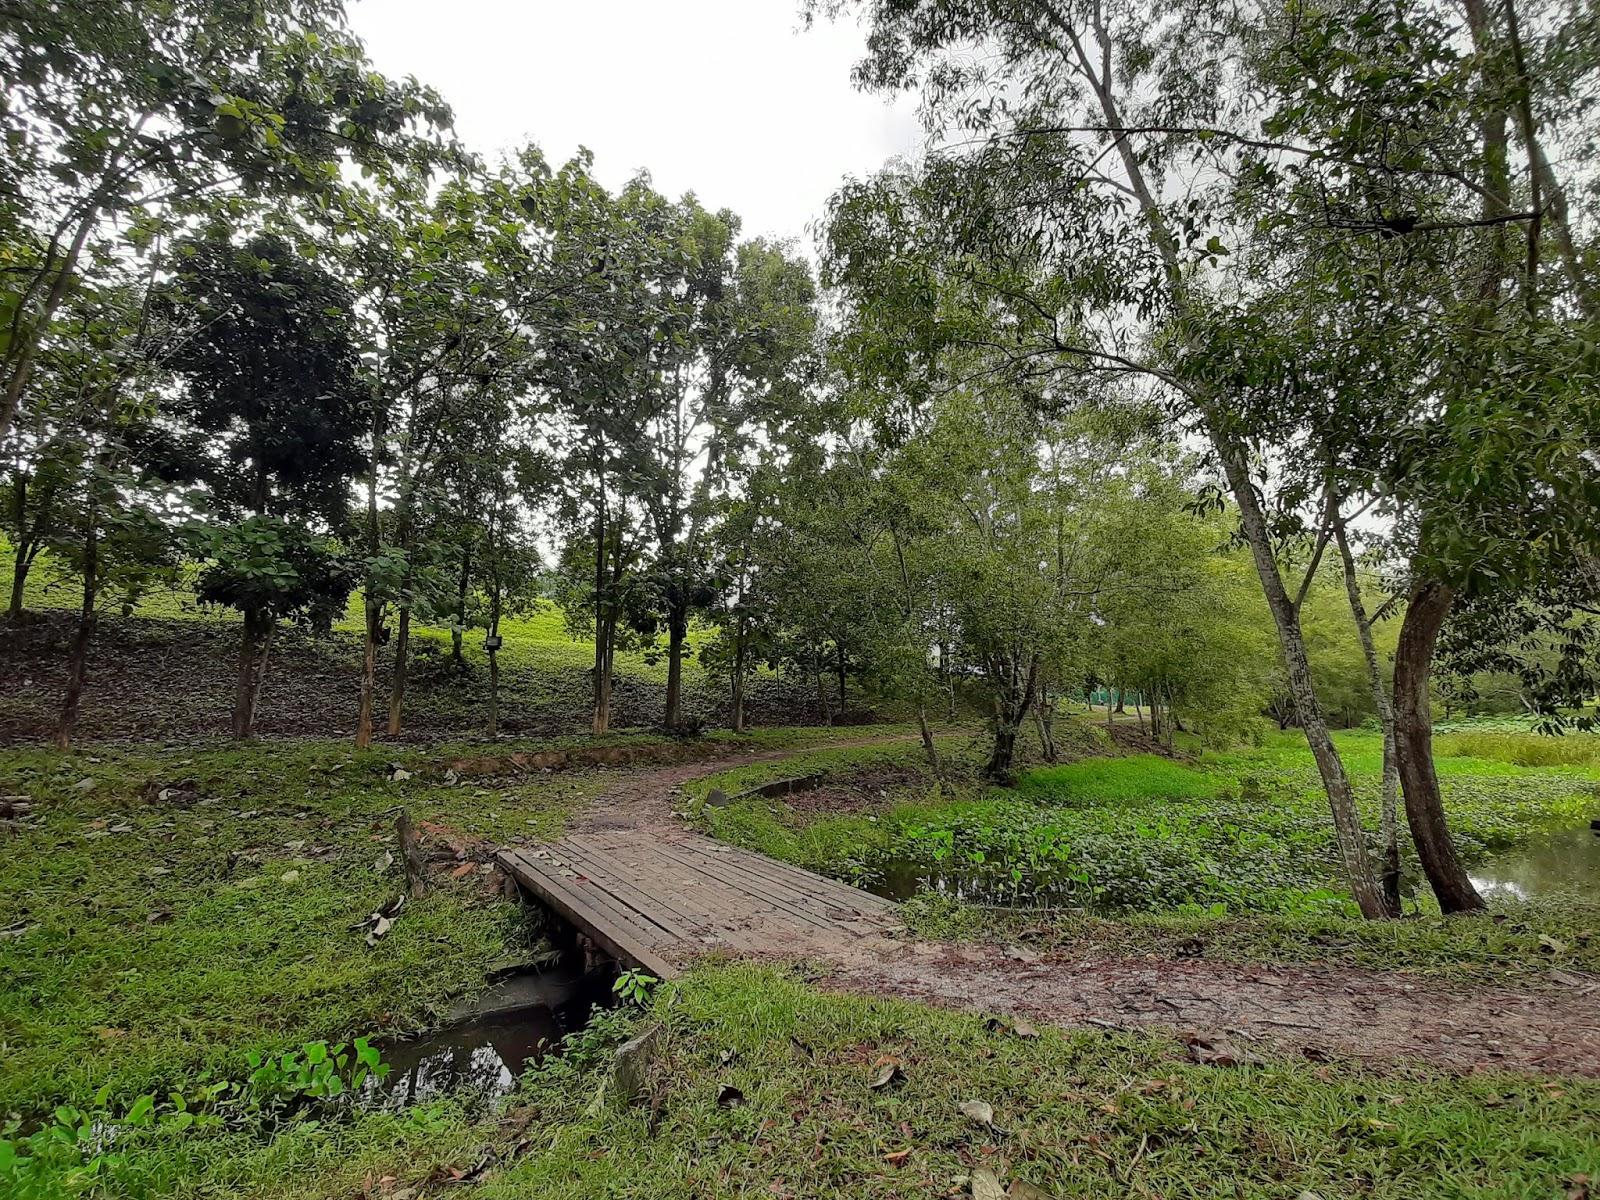 Mayiliragu: Rudram - Route to Muniswaran